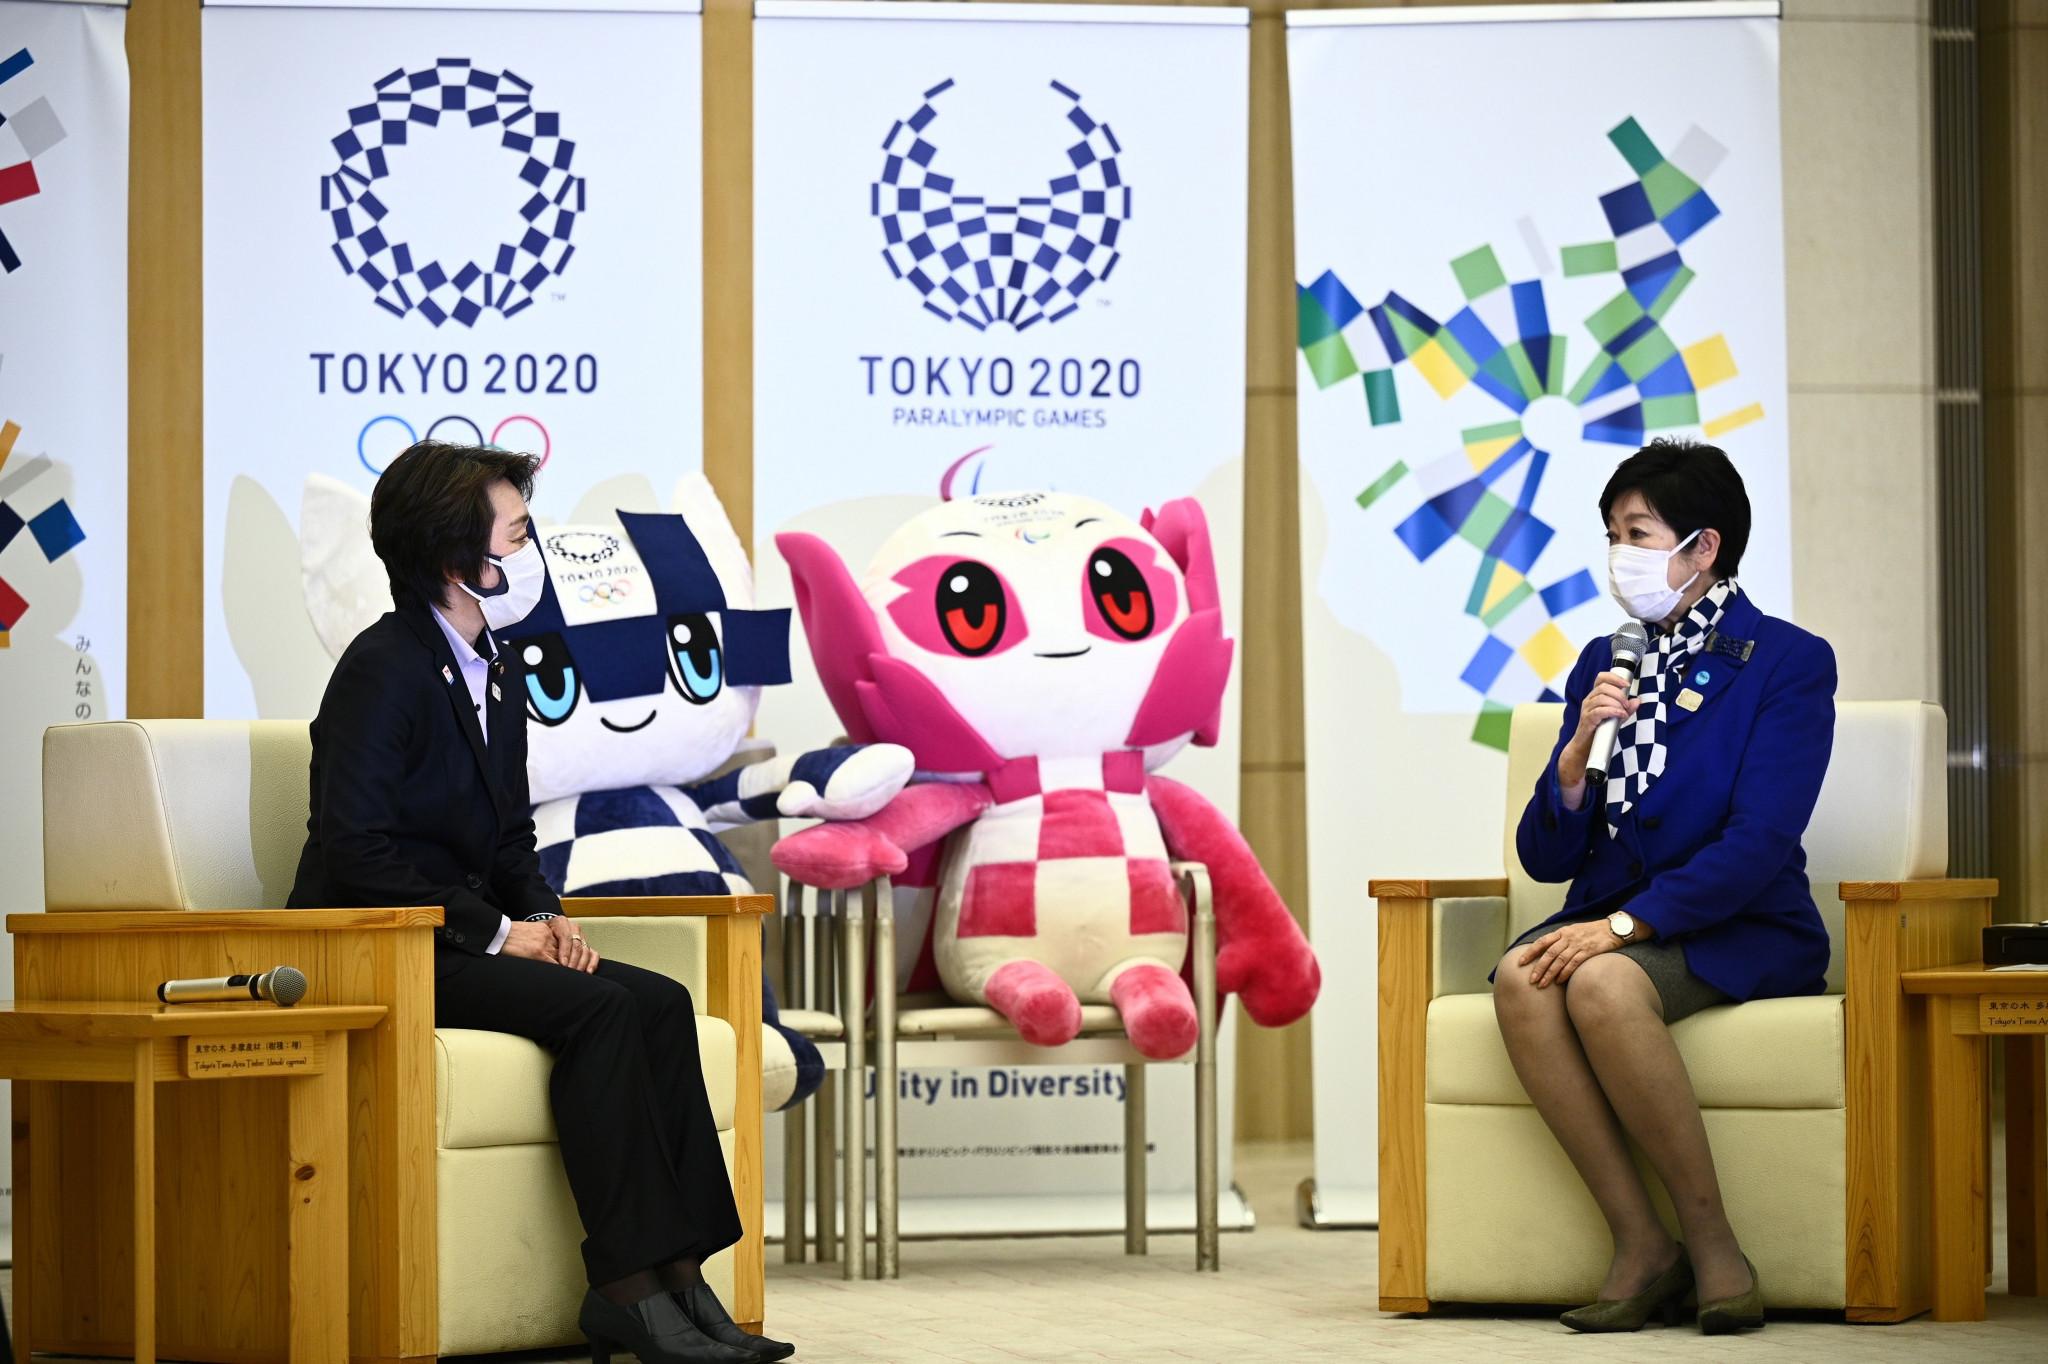 Ο νέος πρόεδρος του Τόκιο 2020, Seiko Hashimoto, αριστερά, συναντήθηκε με τον κυβερνήτη του Τόκιο, Yuriko Koike © Getty Images